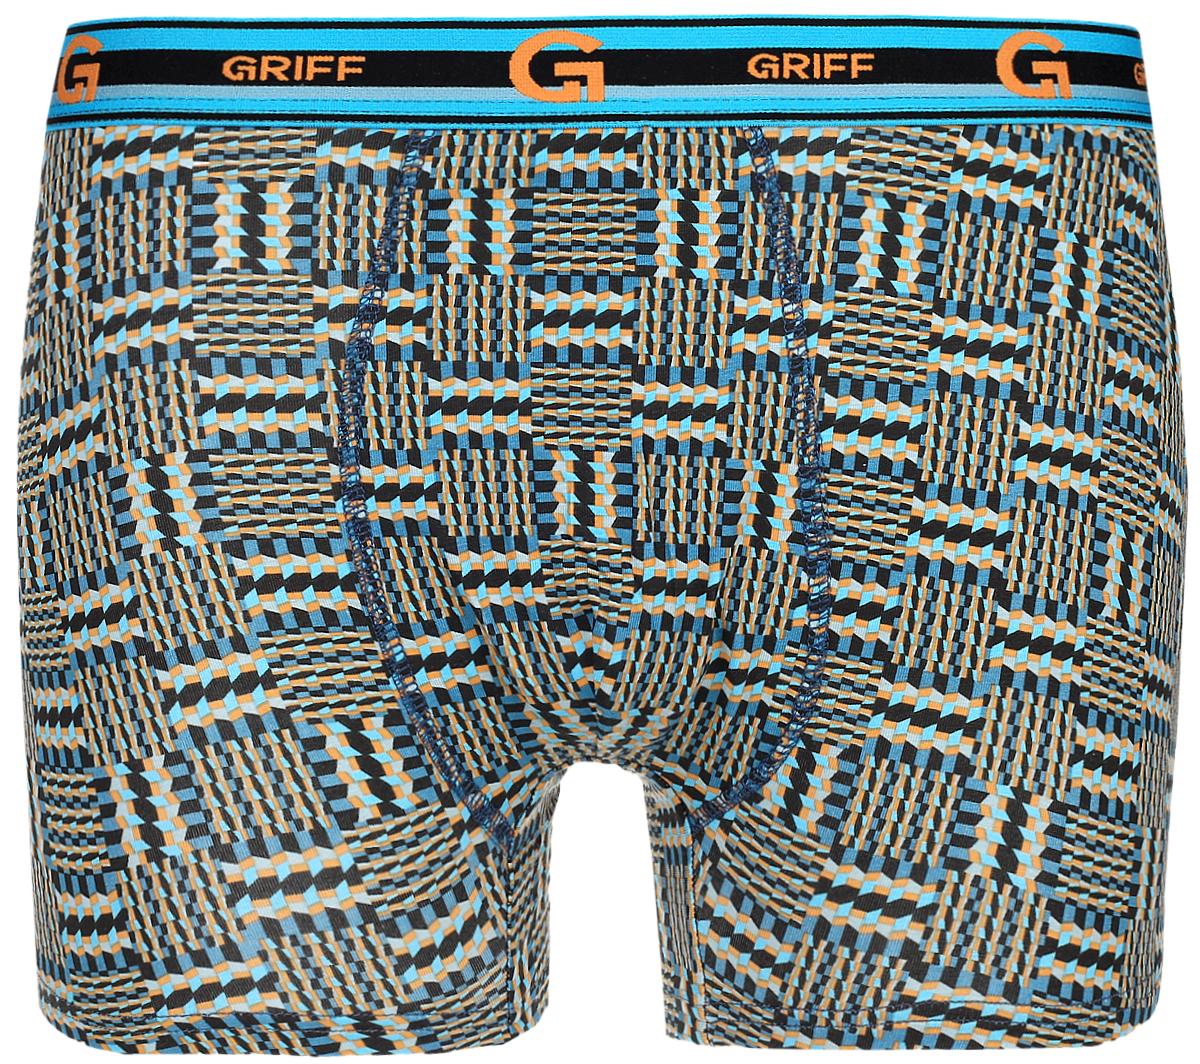 Трусы-боксеры мужские Griff, цвет: голубой, черный, оранжевый. U1504. Размер M (46) трусы боксеры мужские griff цвет темно синий u01232 размер xxxl 54